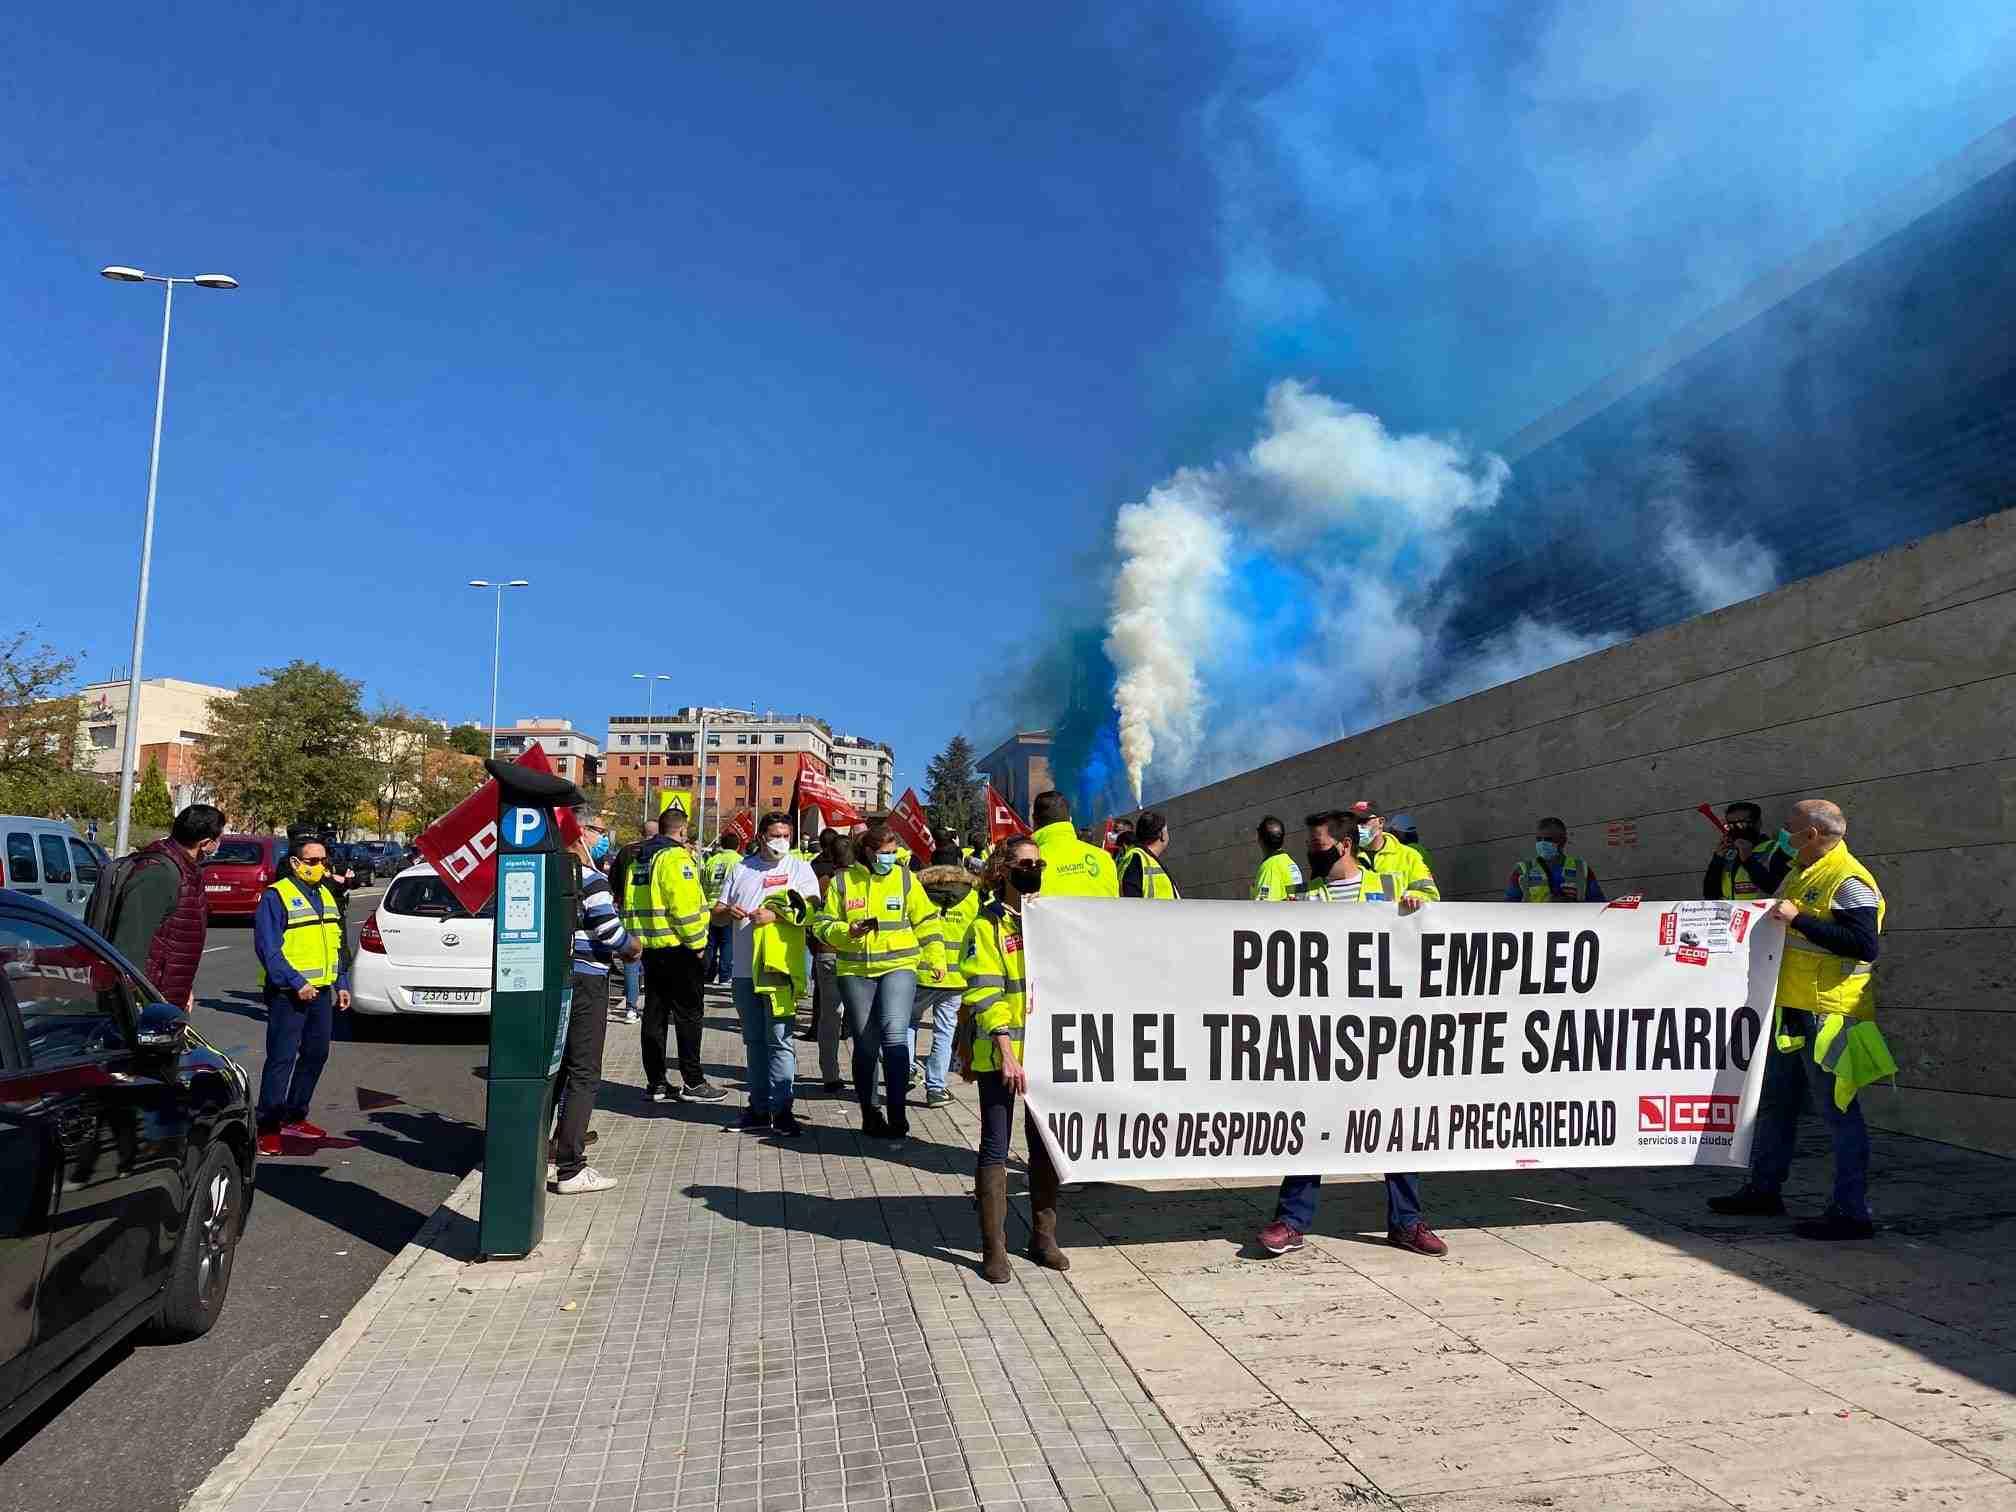 Los convocantes de la huelga del Transporte Sanitario anuncian un acuerdo del Sescam y las contratas para poner fin al conflicto 3